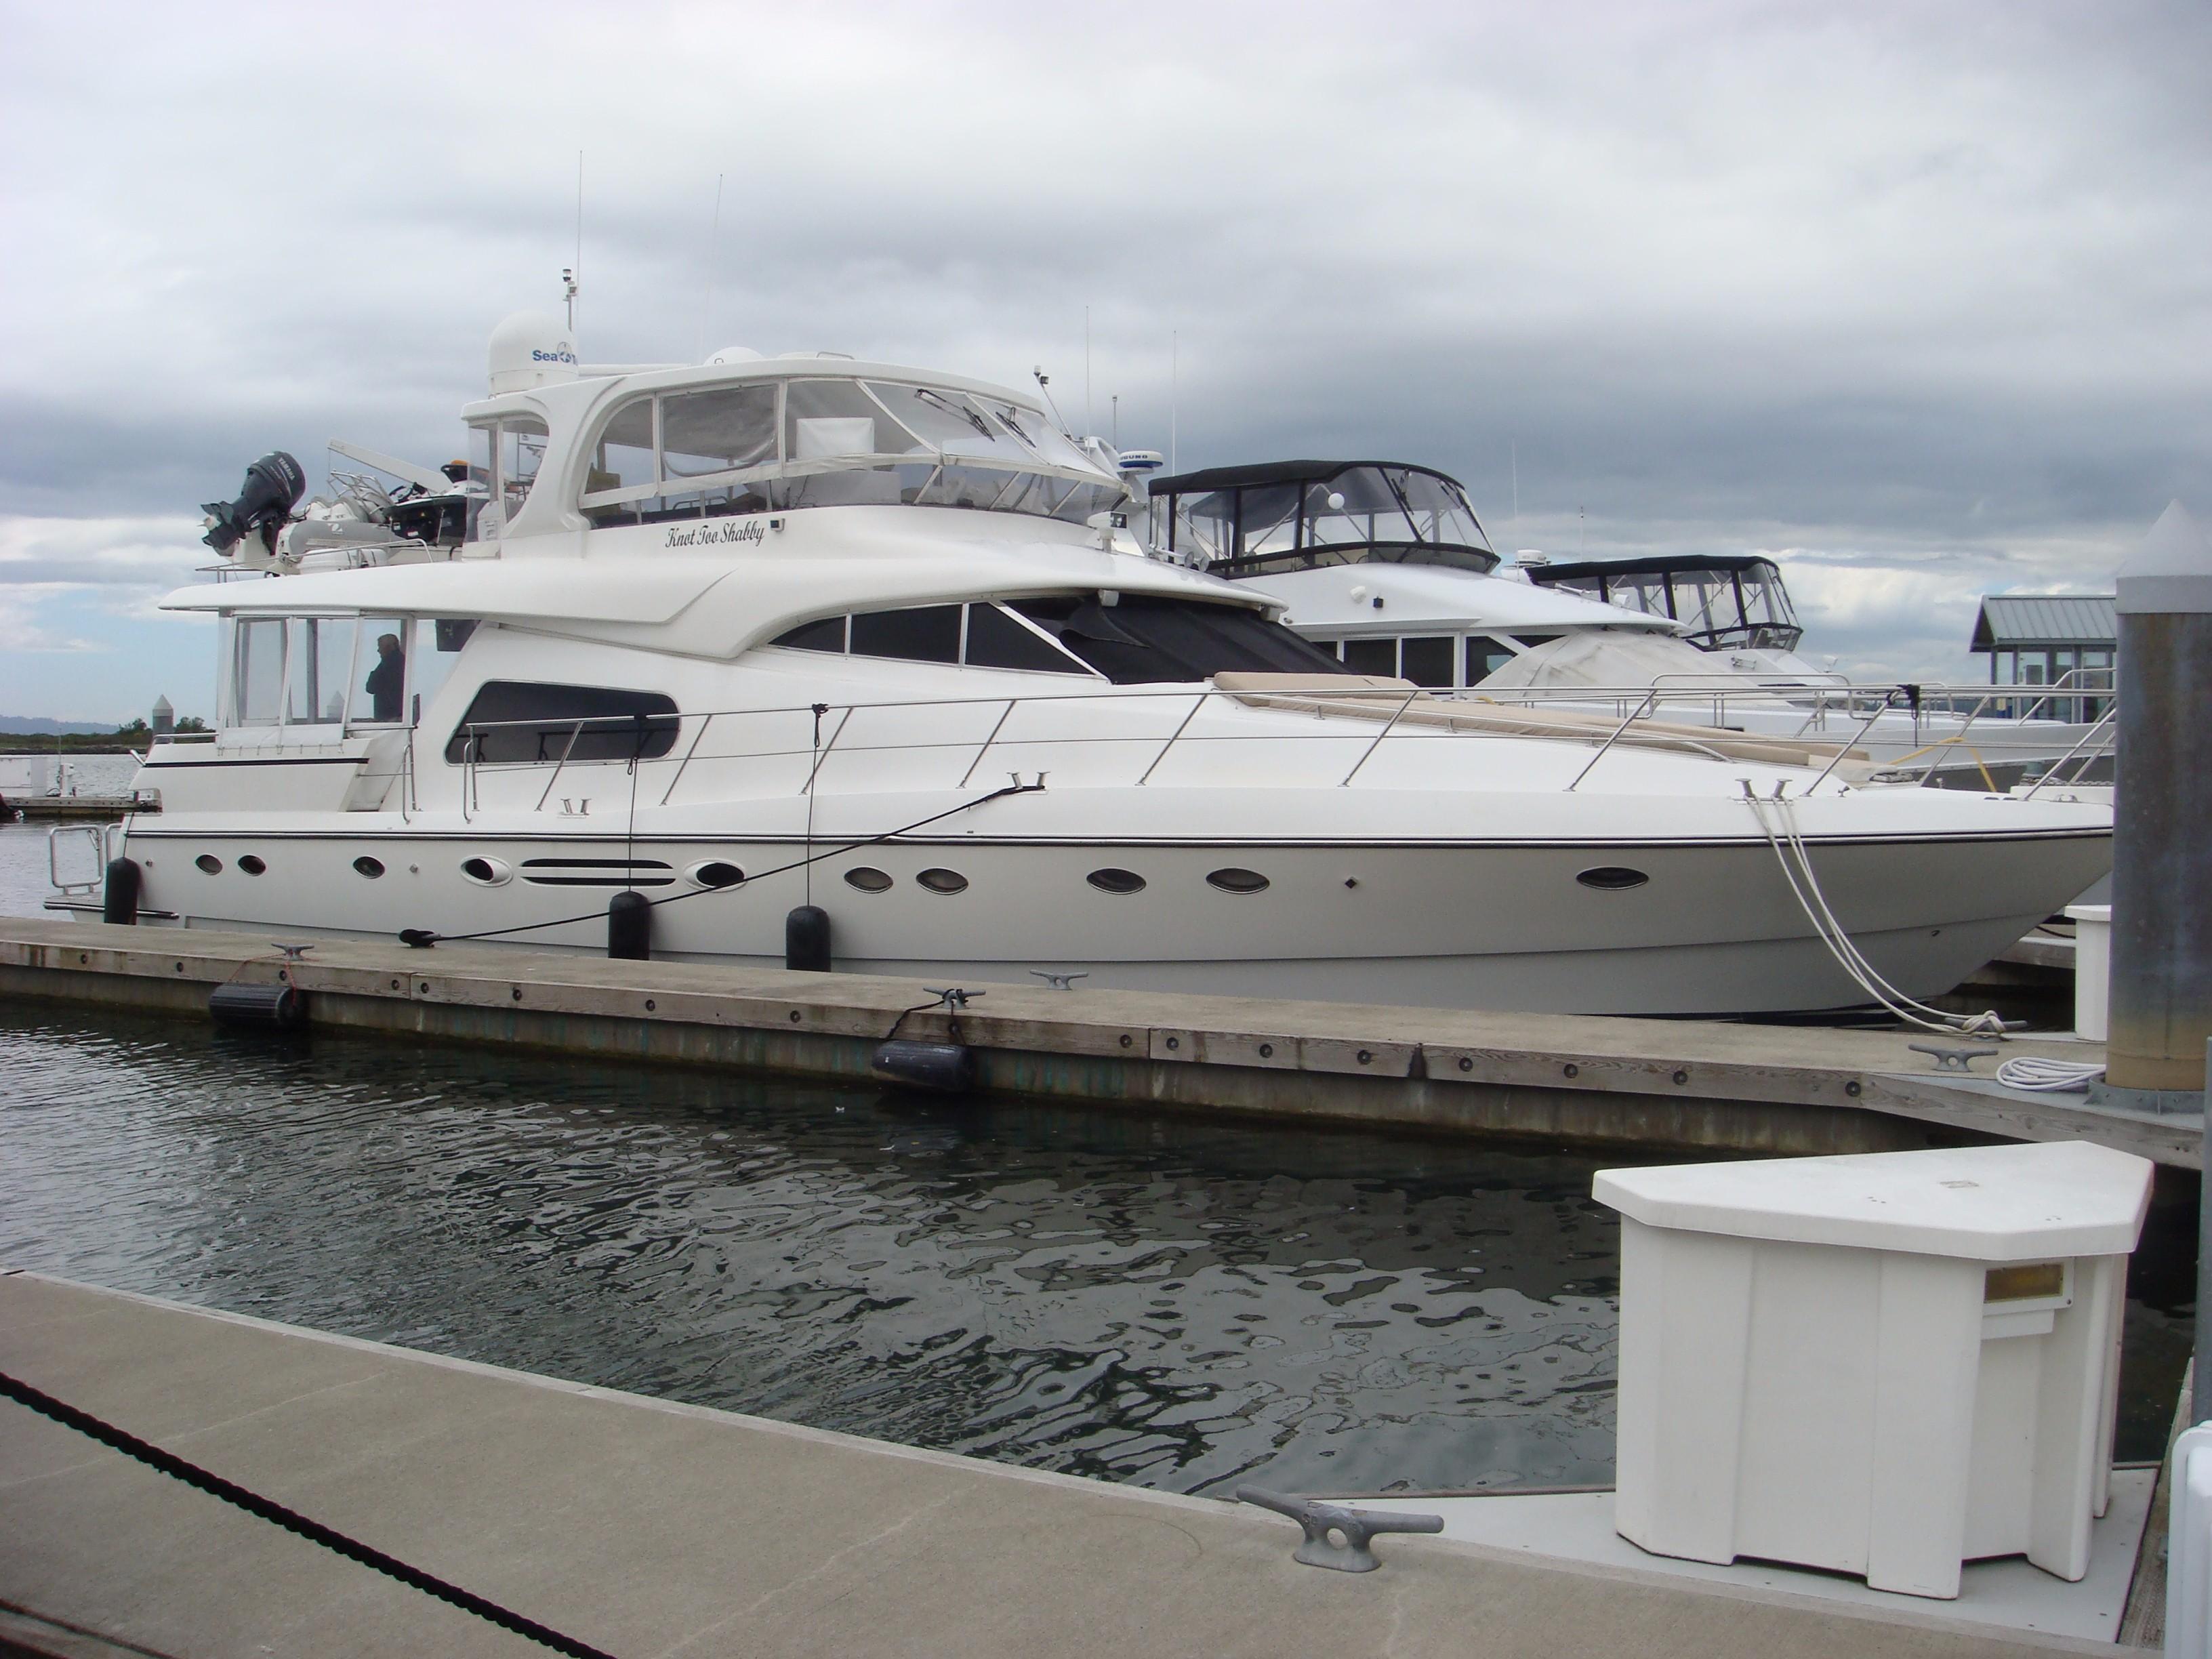 2005 Johnson 70 Johnson MotorYacht Power Boat For Sale